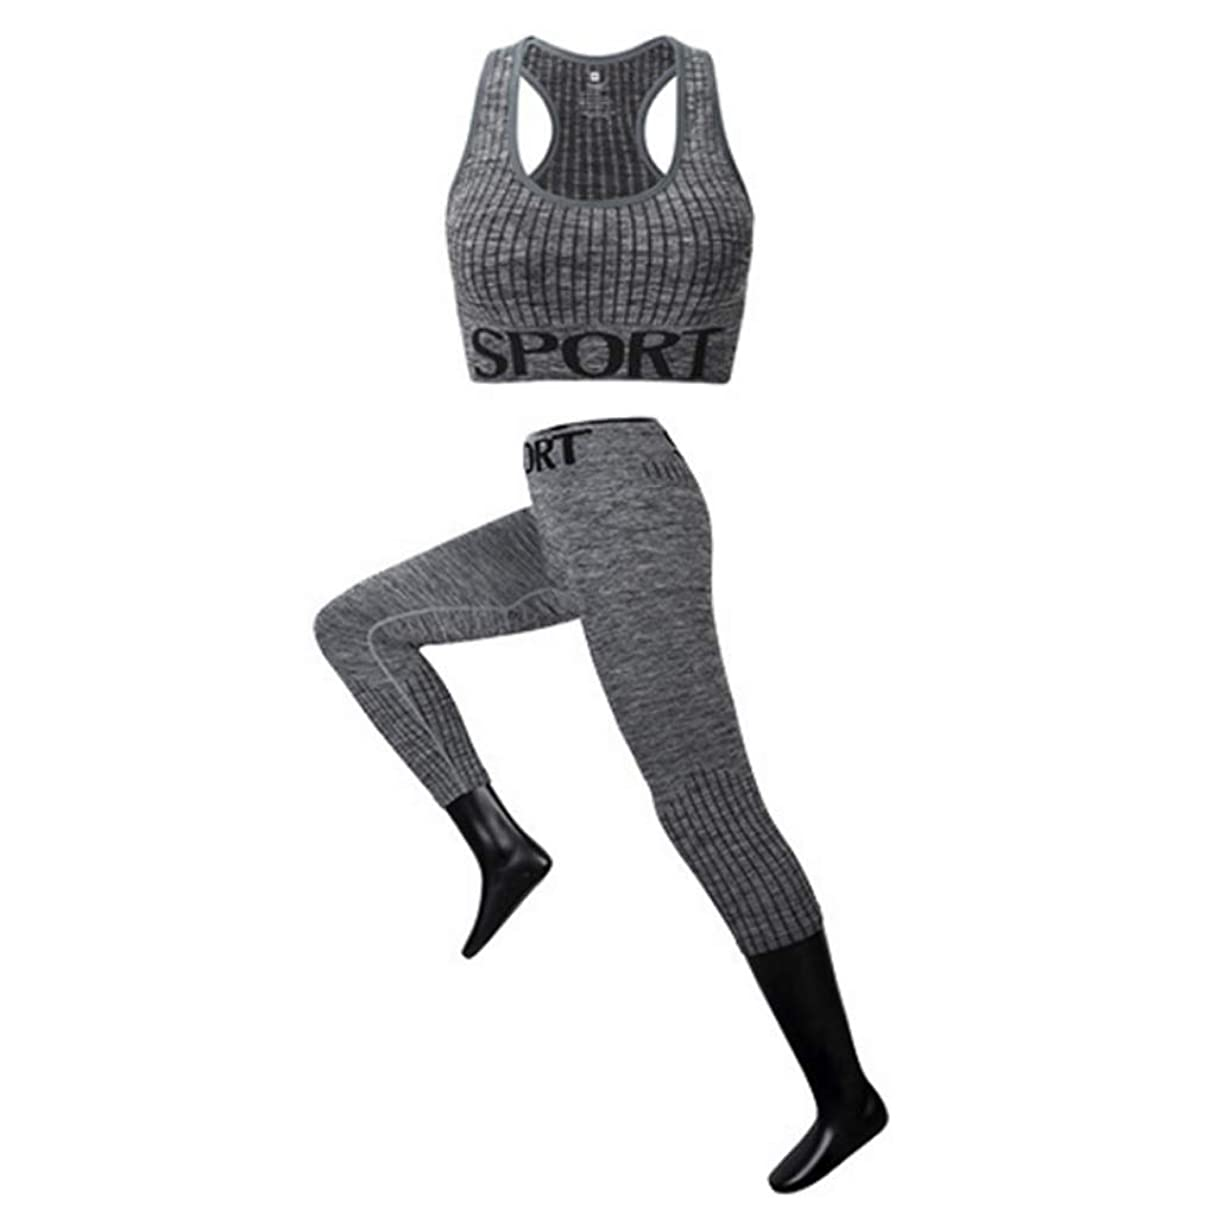 魚散る閲覧するスポーツウェアシームレスなヨガの服リムズなしの下着アンダーウェアショックプルーフフィットネス速いスポーツブラジャーセット弾性弾性ウエストスポーツウェアスーツツーピース (Color : 4, Size : M)